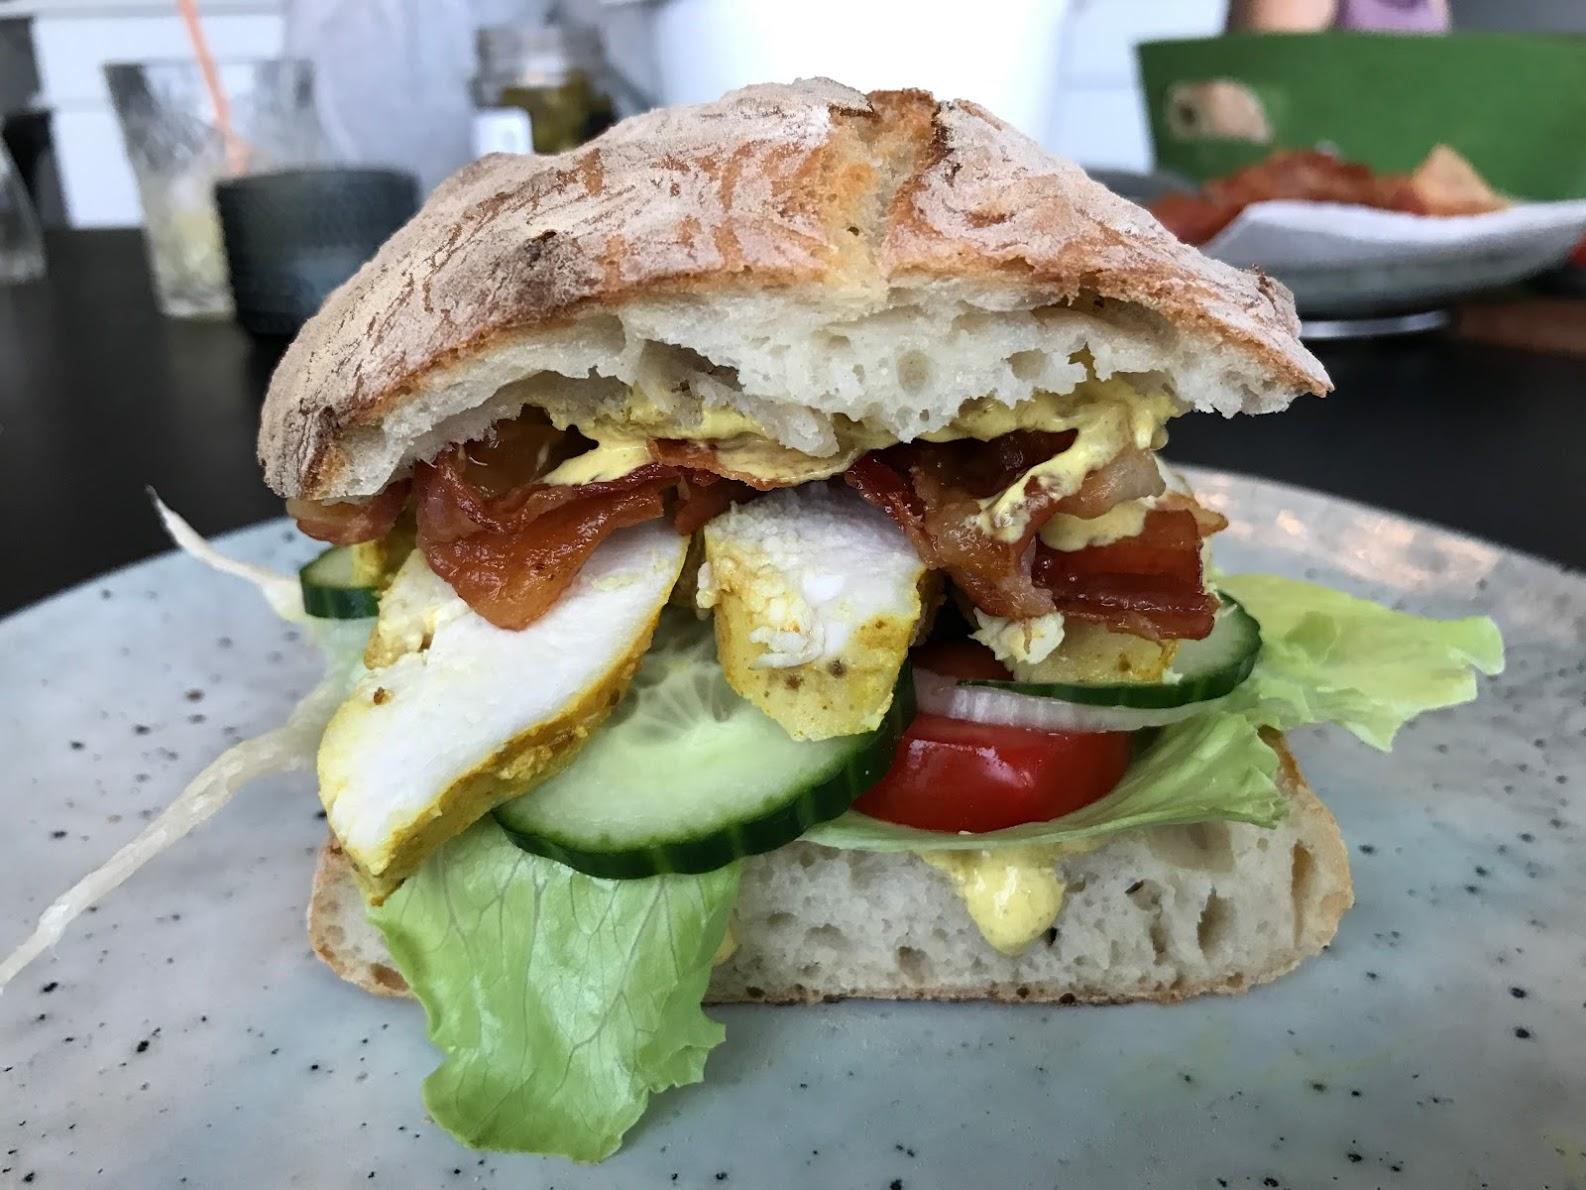 opskrift Club sandwich med kylling og karrydressing clubsandwich sådan laver du lave din egen lækker lækre sandwich med kylling ciabatta ciabattabrød